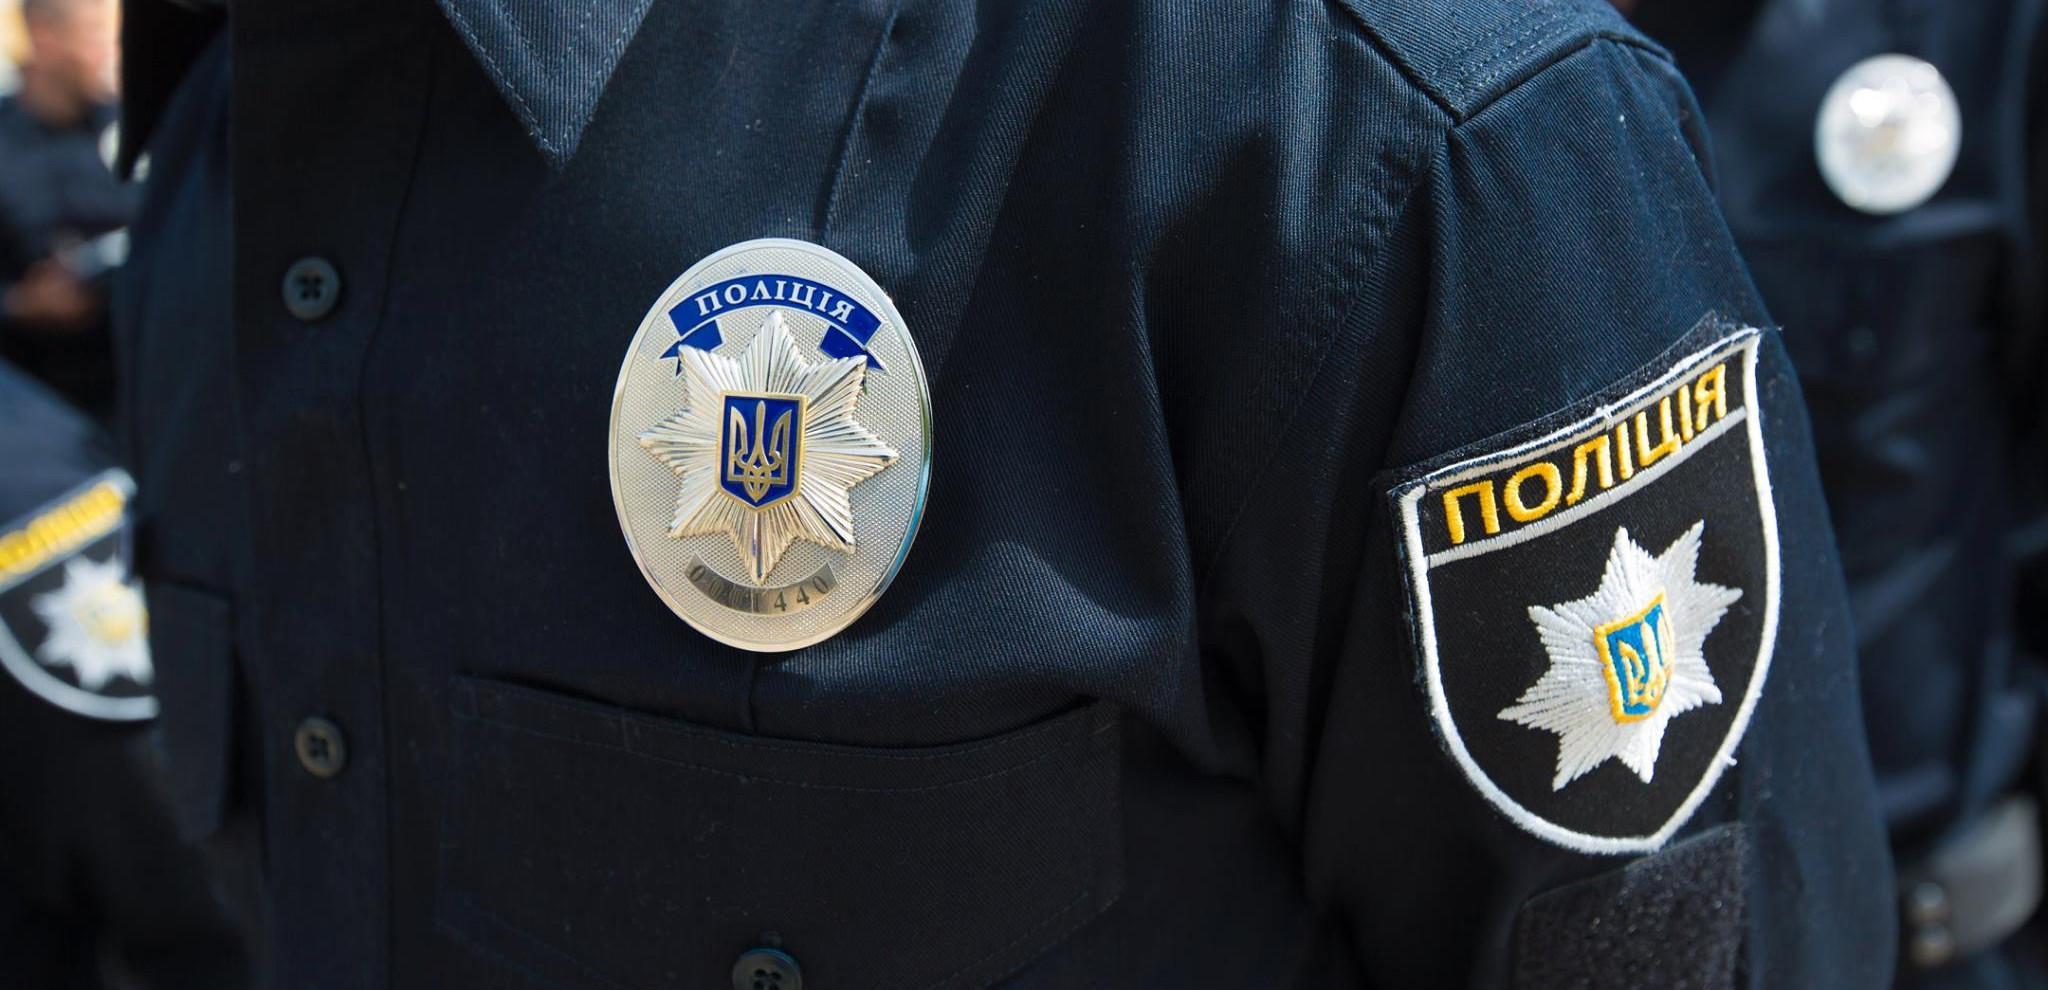 До смерті забив бабусю: на Житомирщині сталося моторошне вбивство (фото 18+)